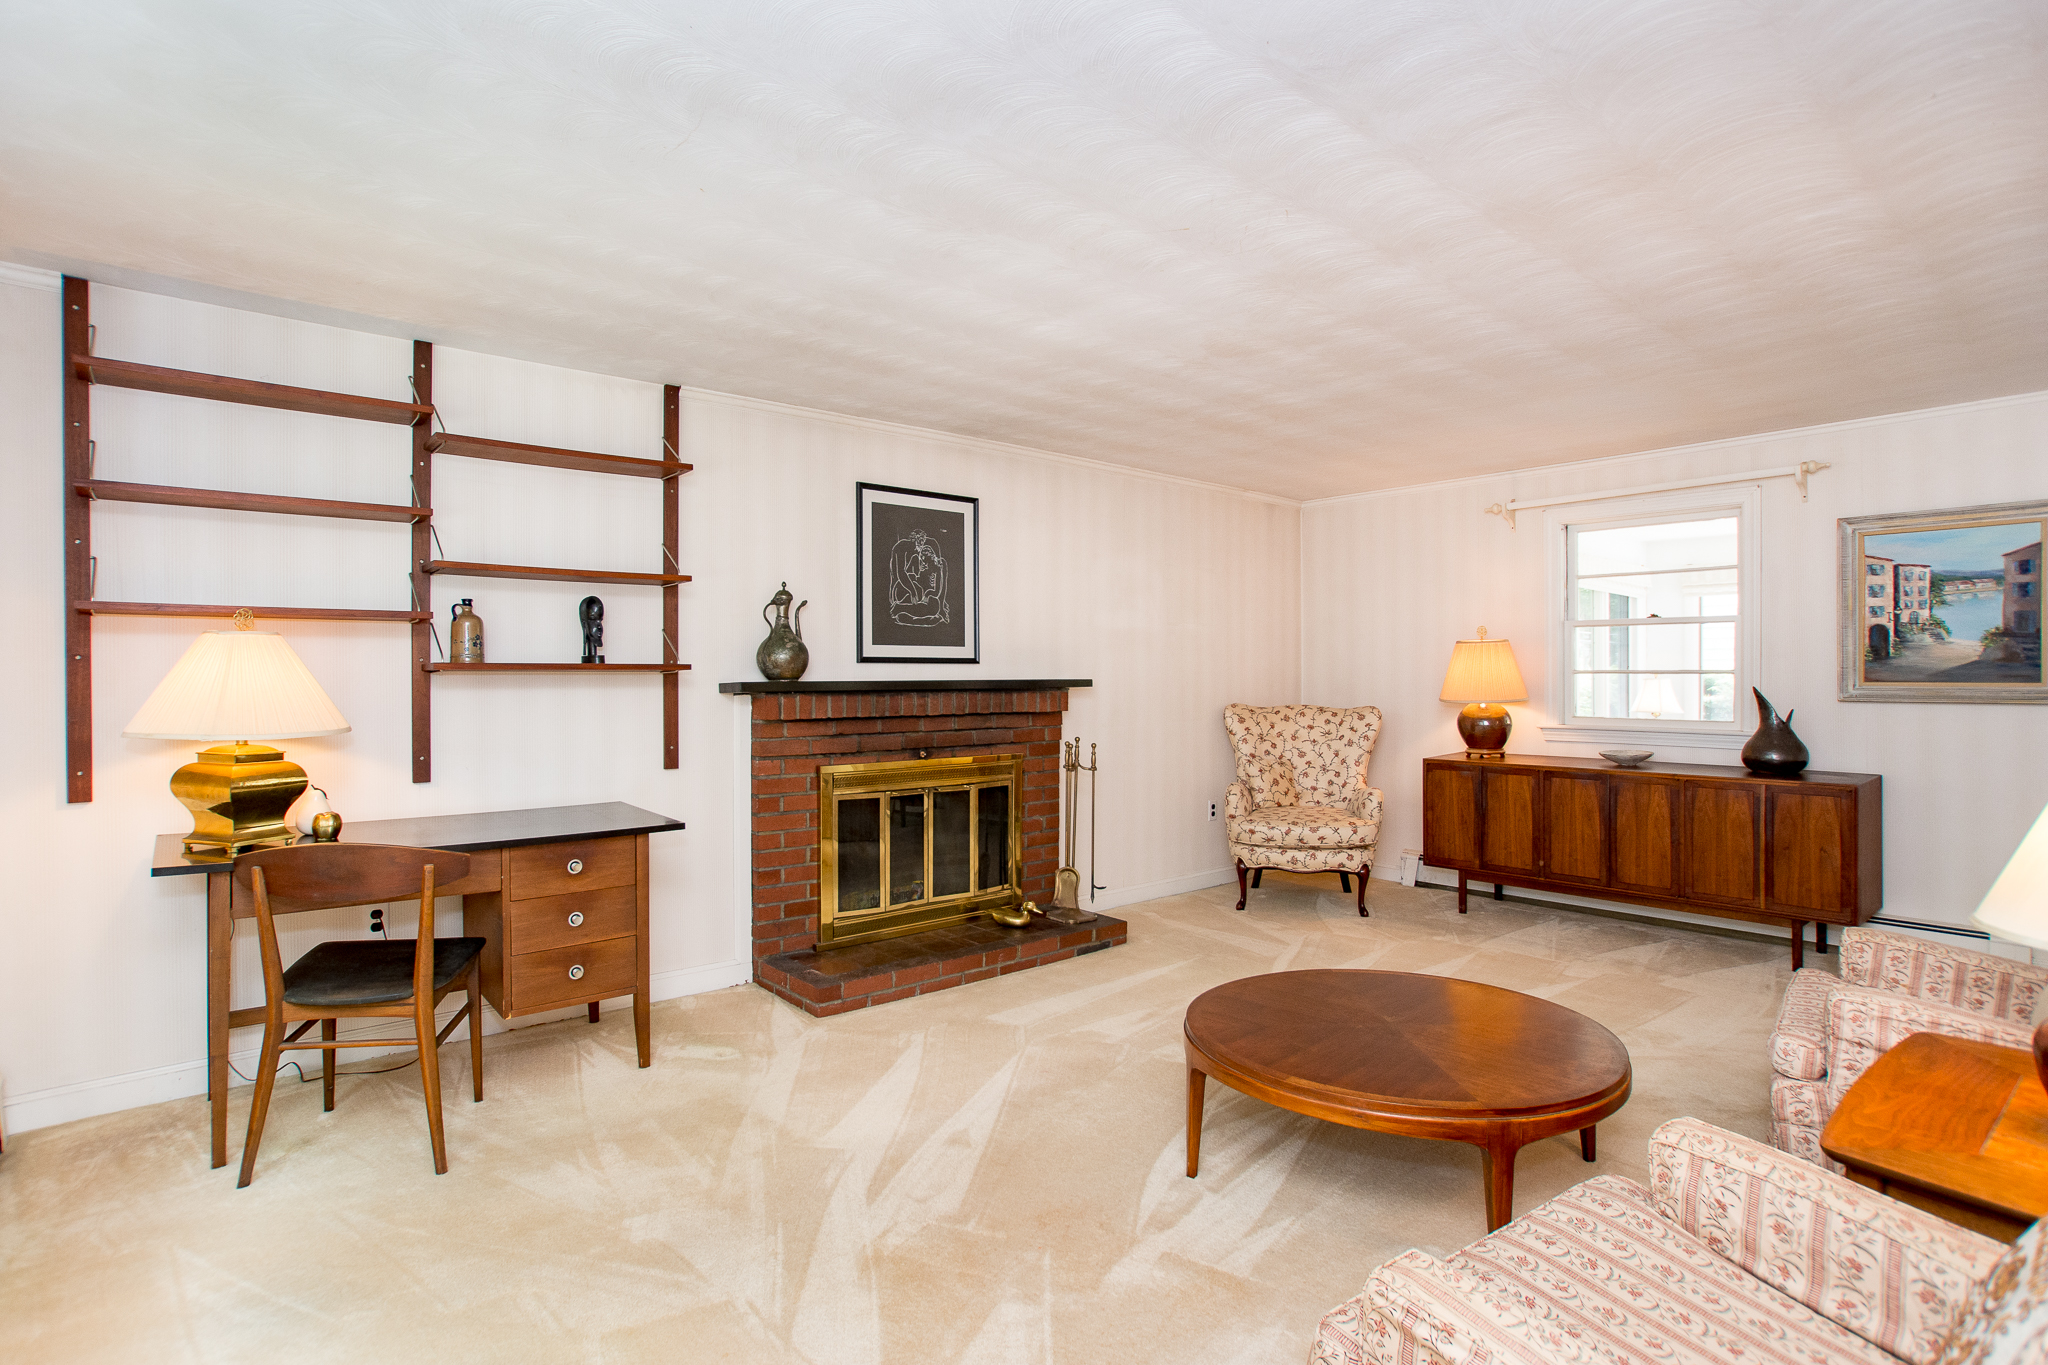 84 Oak Street, Needham, MA - Living Room